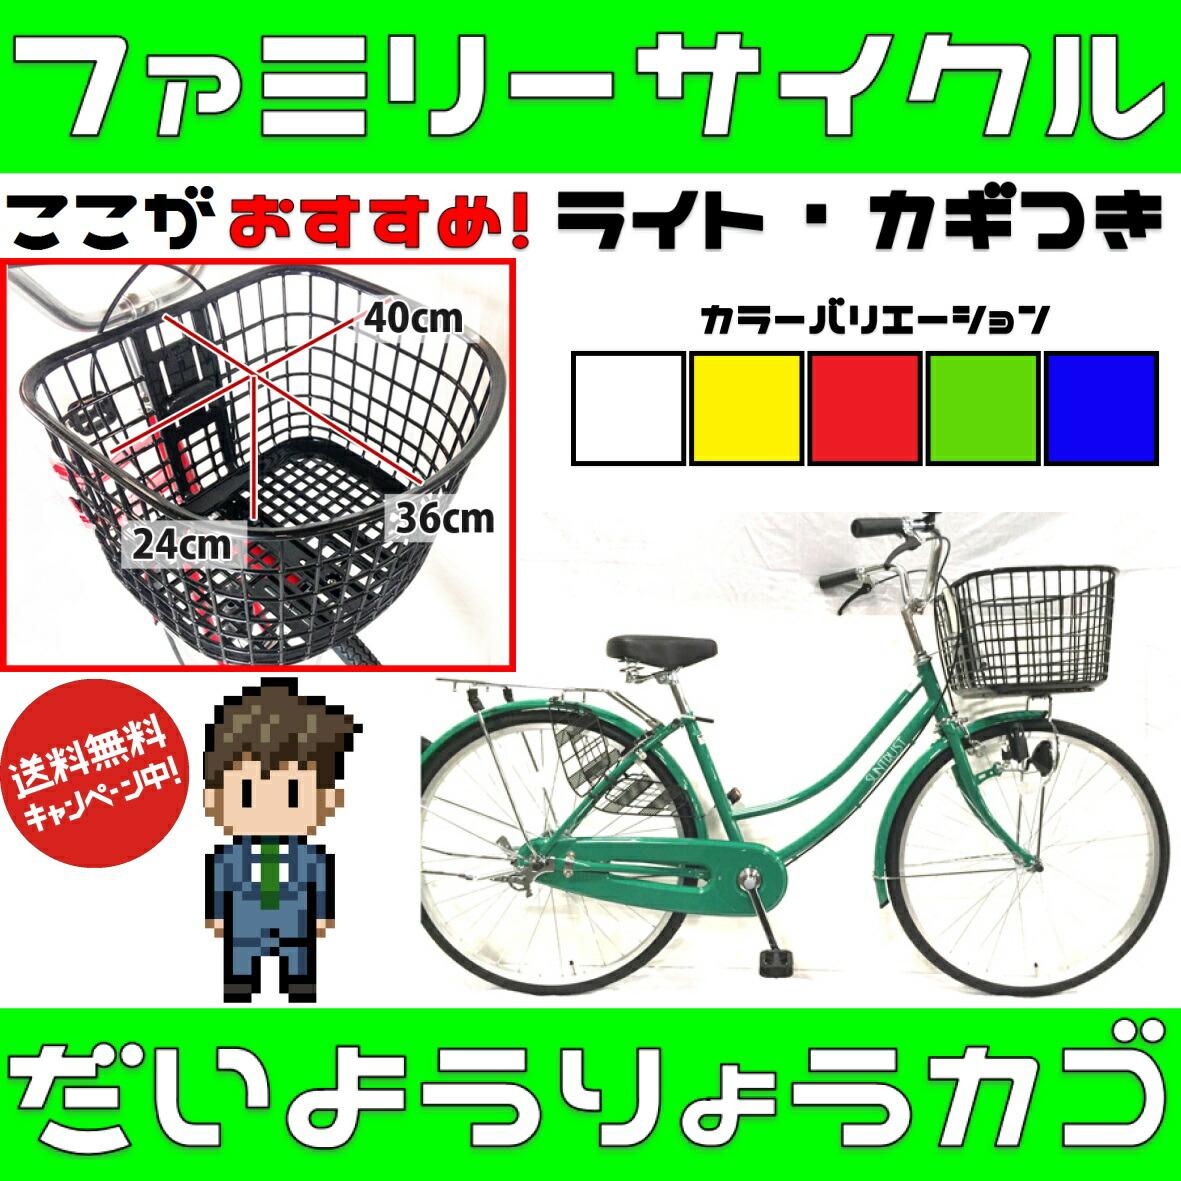 品質で勝負 ママチャリ 激安 自転車 品質のOGK樹脂かご SUNTRUST サントラスト OGKかご 軽快車 グリーン/緑 通勤 通学 買い物に最適 26インチ 自転車 ダイナモライト ママチャリ